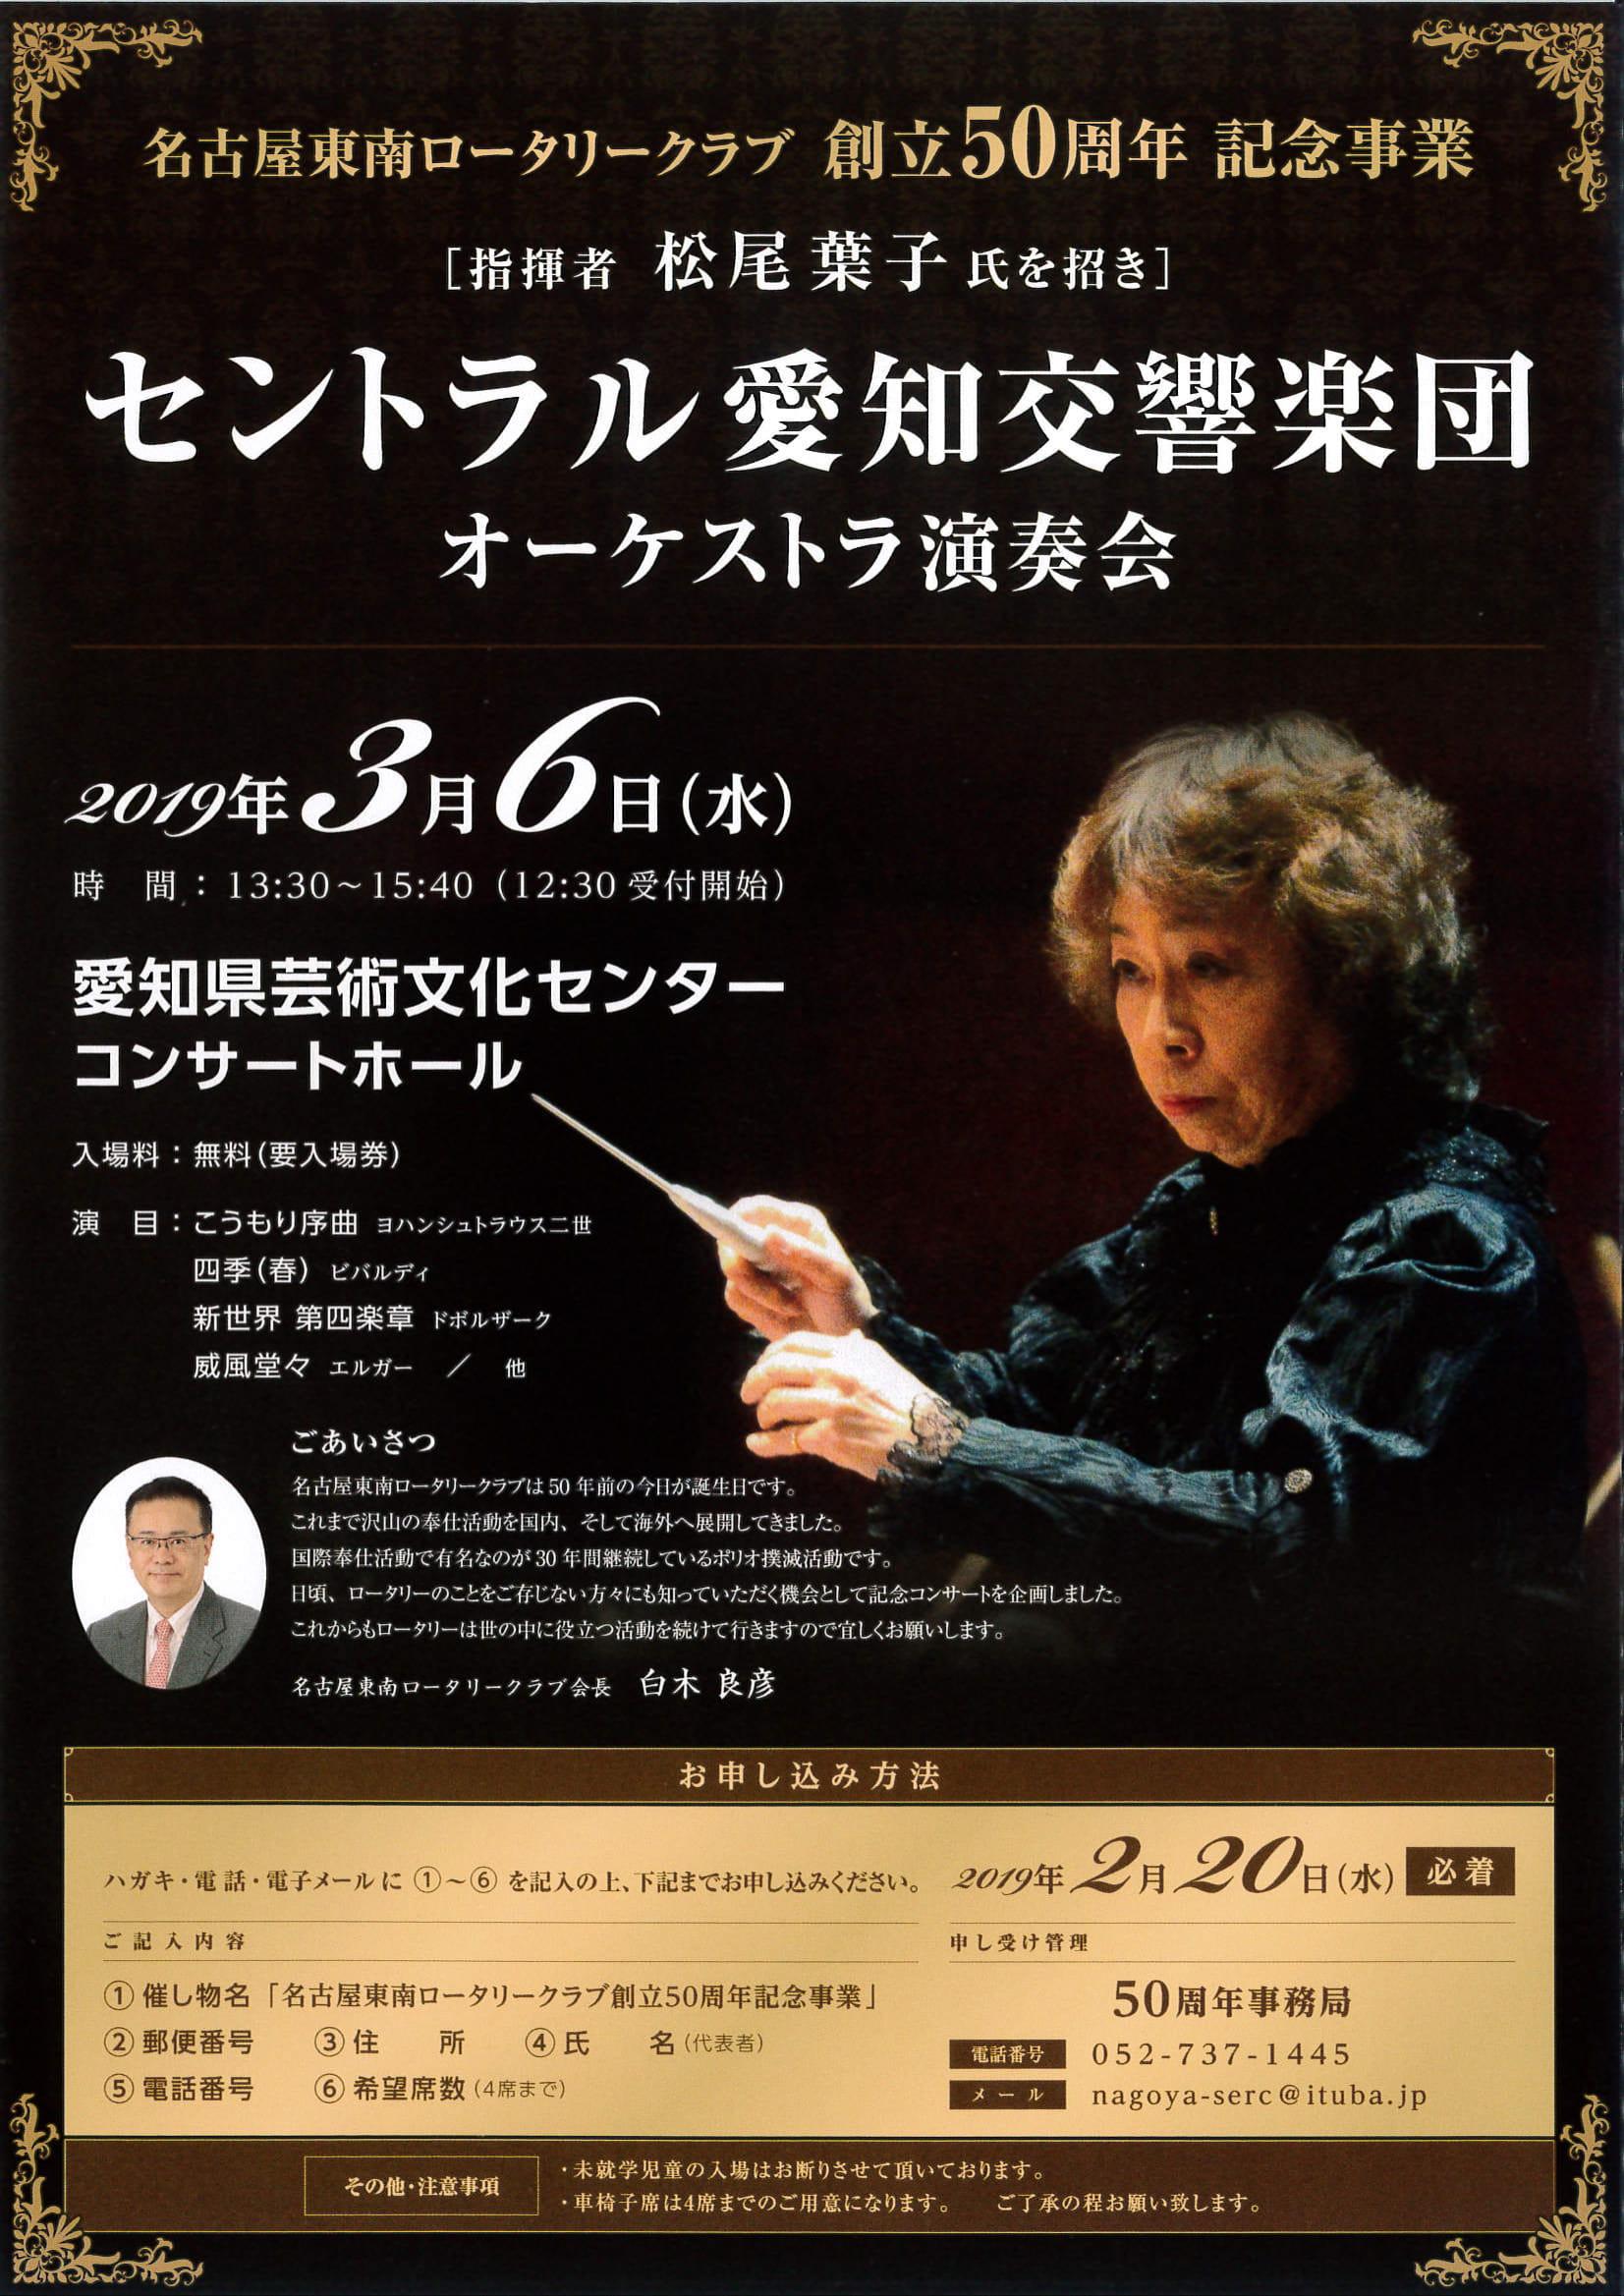 名古屋東南RC創立50周年記念事業 セントラル愛知交響楽団オーケストラ演奏会